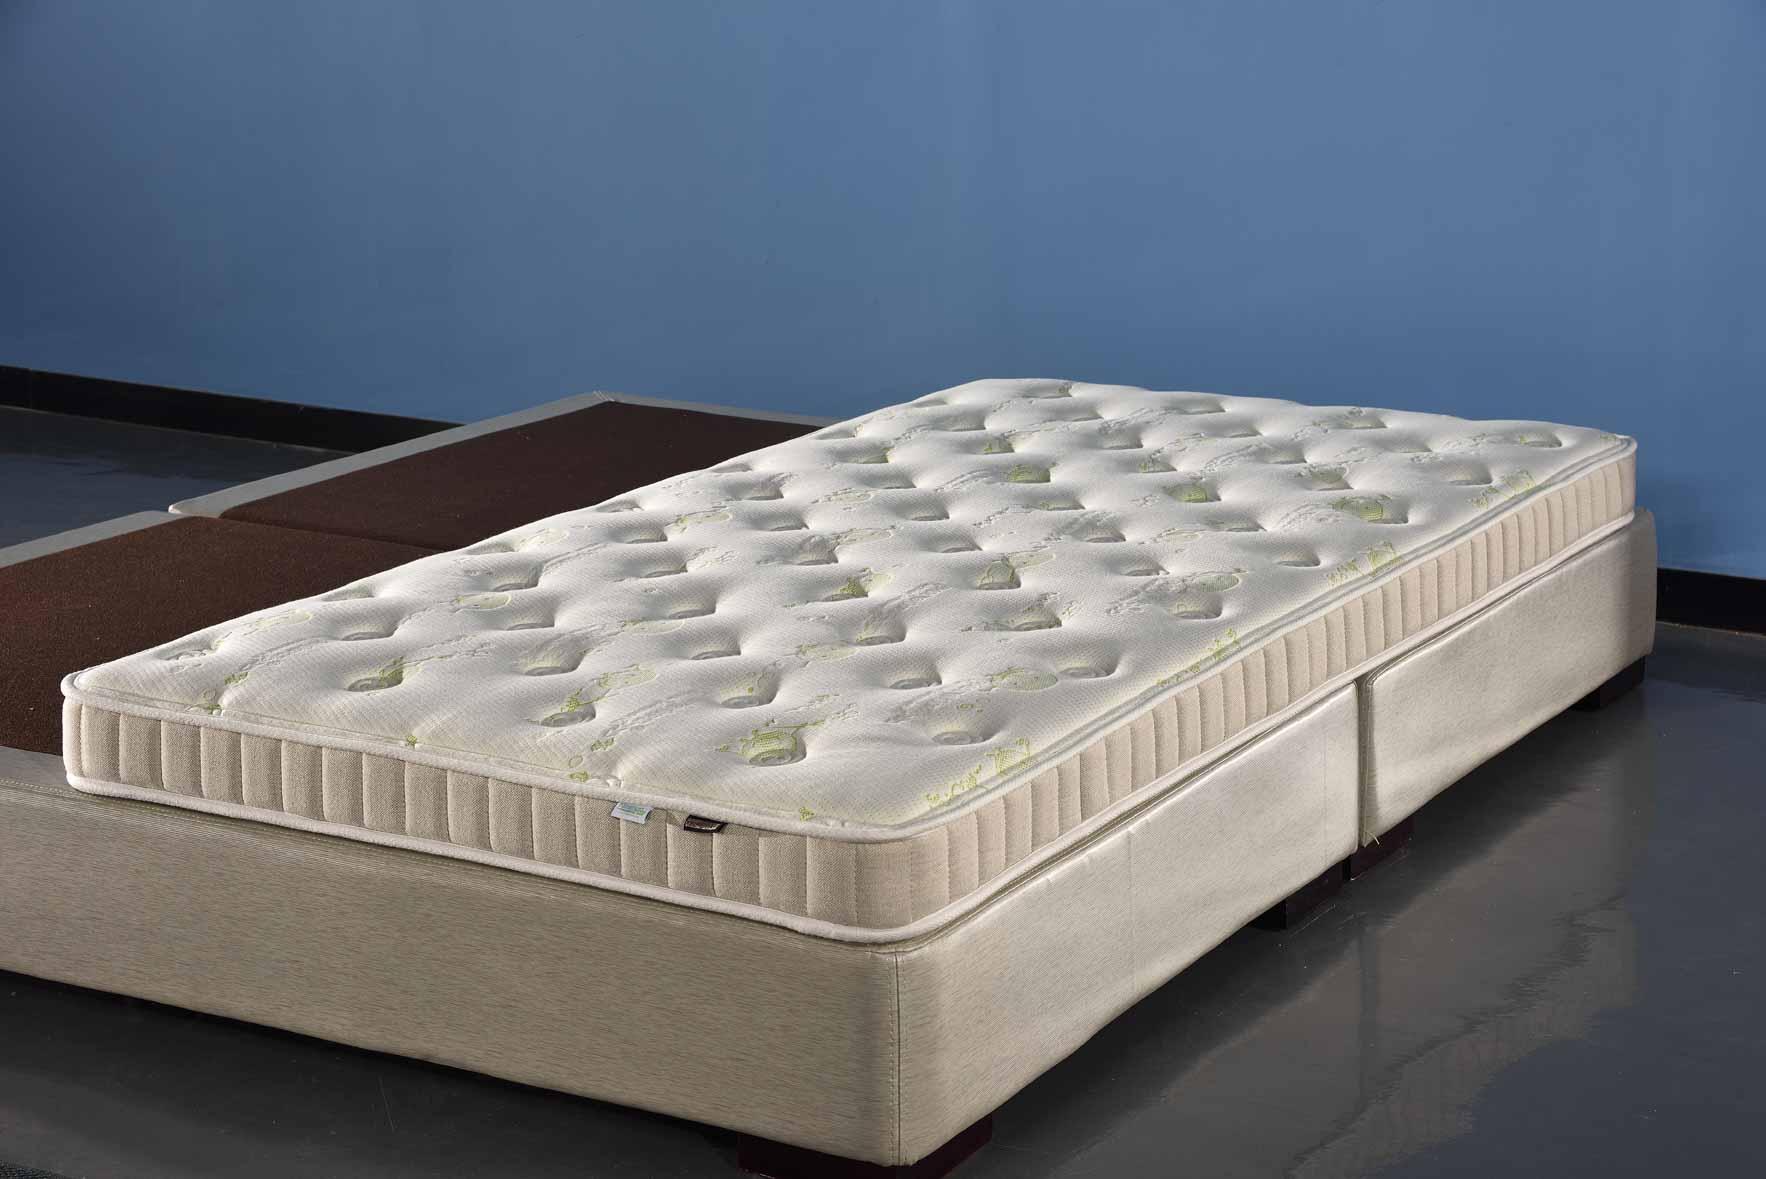 兒童乳膠床墊按需定制 推薦咨詢 蘇州星夜家居科技供應